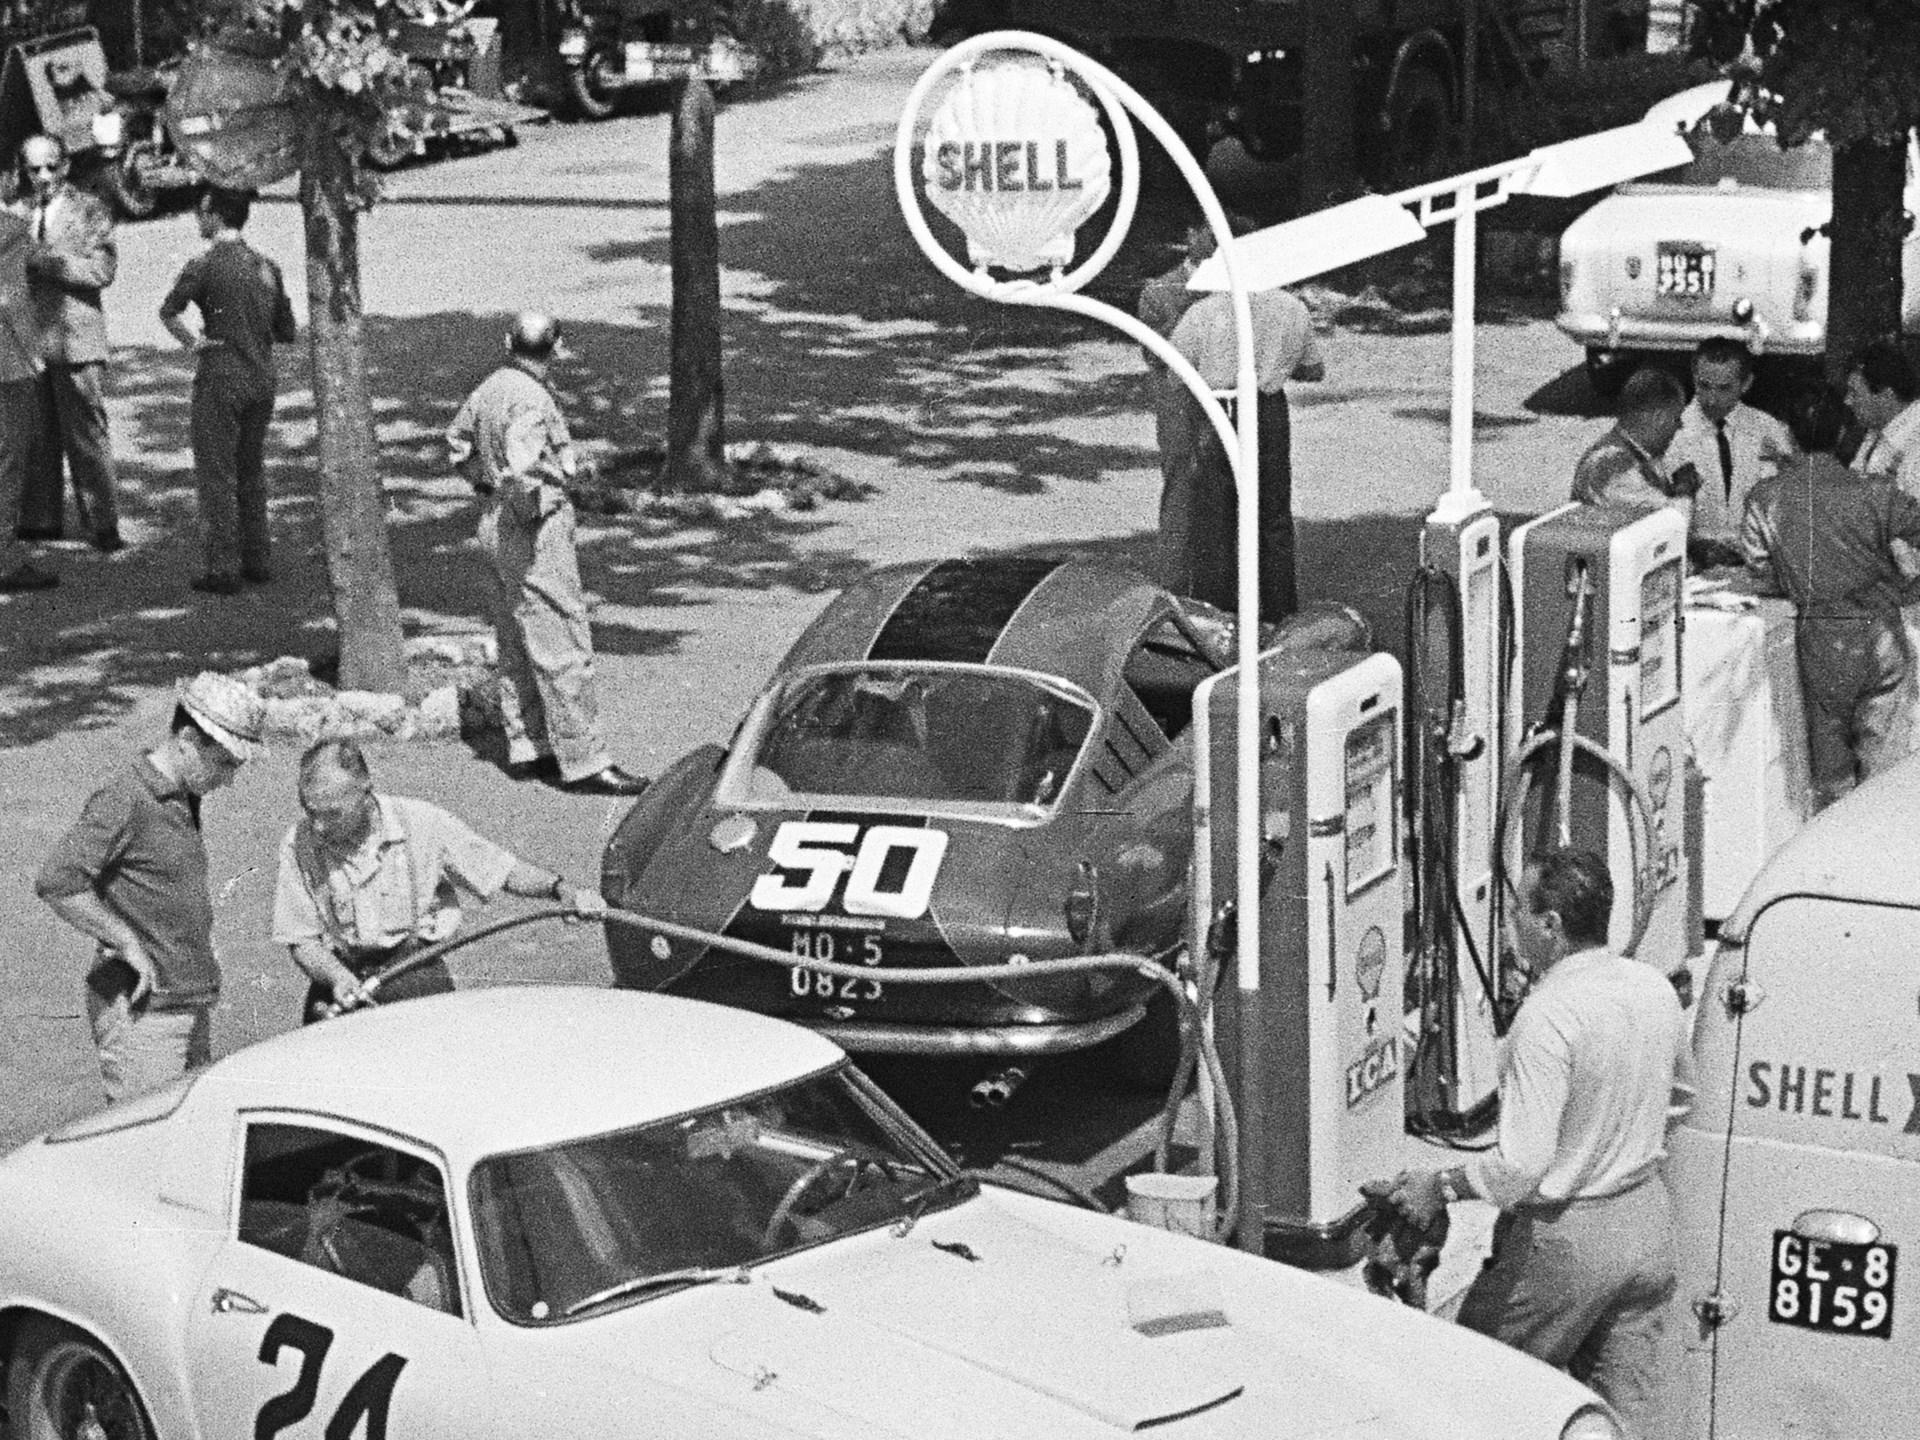 Wolfgang Seidel behind the wheel of 0879 GT at the 1959 Gran Premio della Lotteria di Monza.